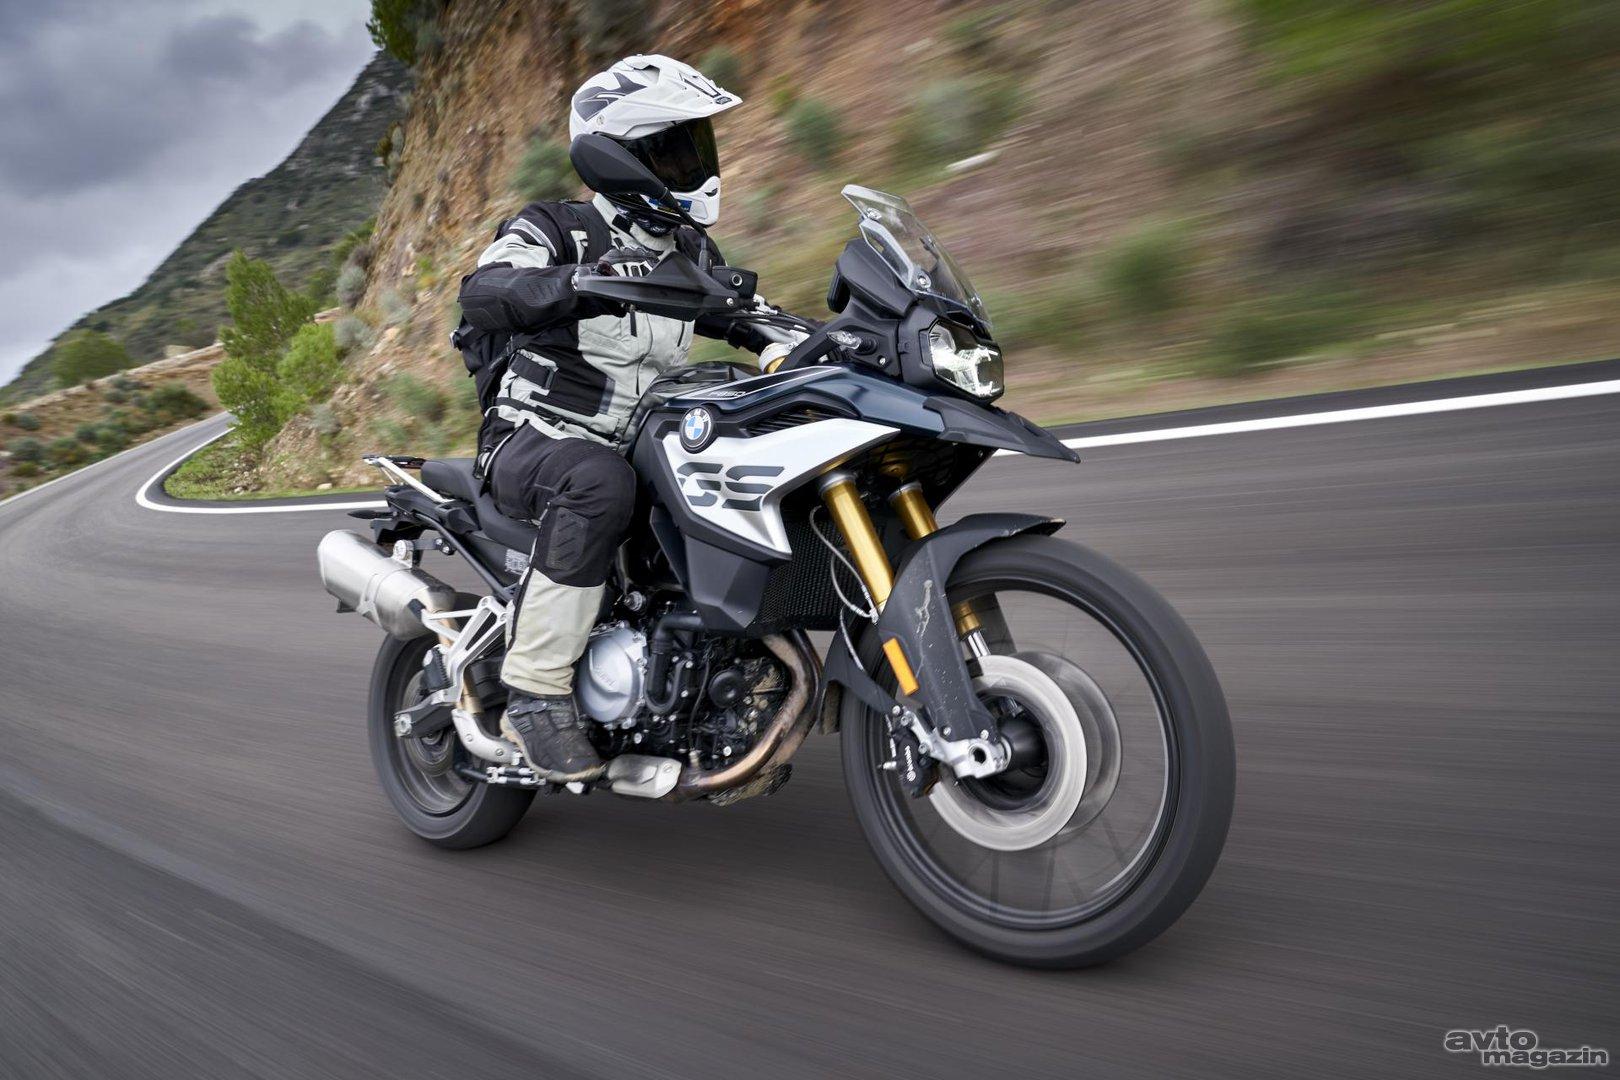 Bmw F 850 Gs In Bmw F 750 Gs Vozili Smo Moto Magazin